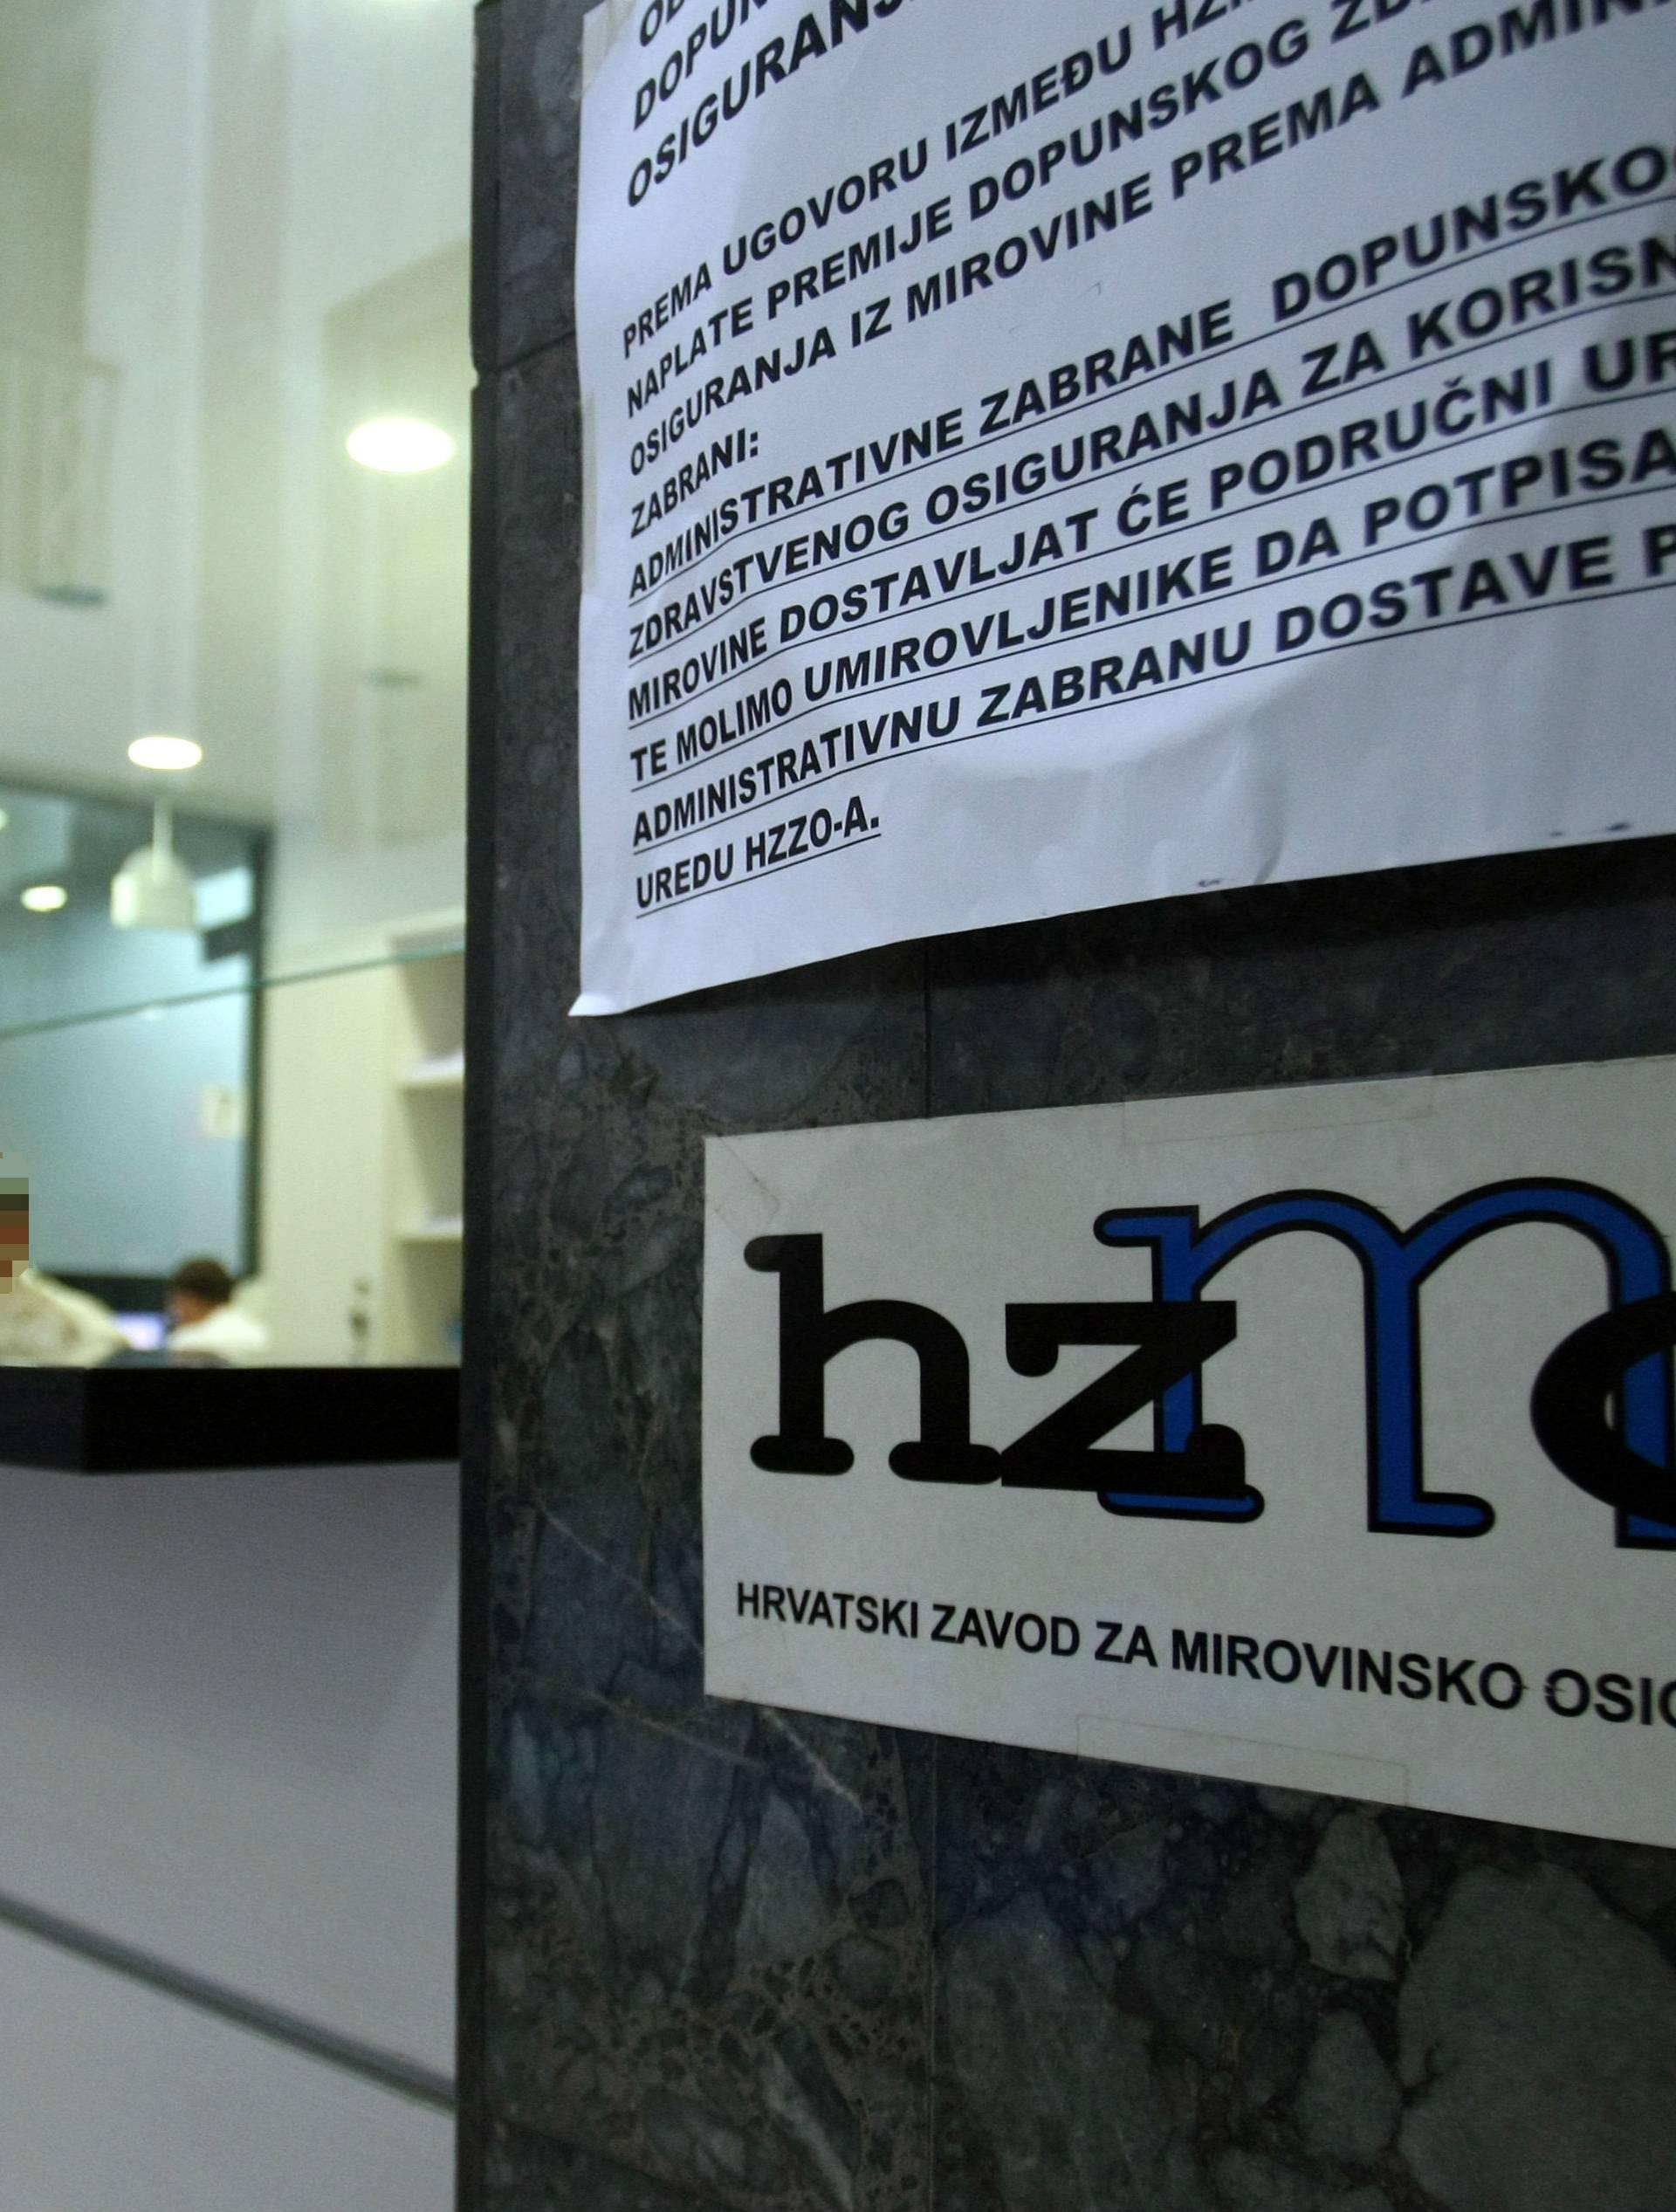 Smrt na šalteru u Koprivnici: Potpisao da je živ i - preminuo